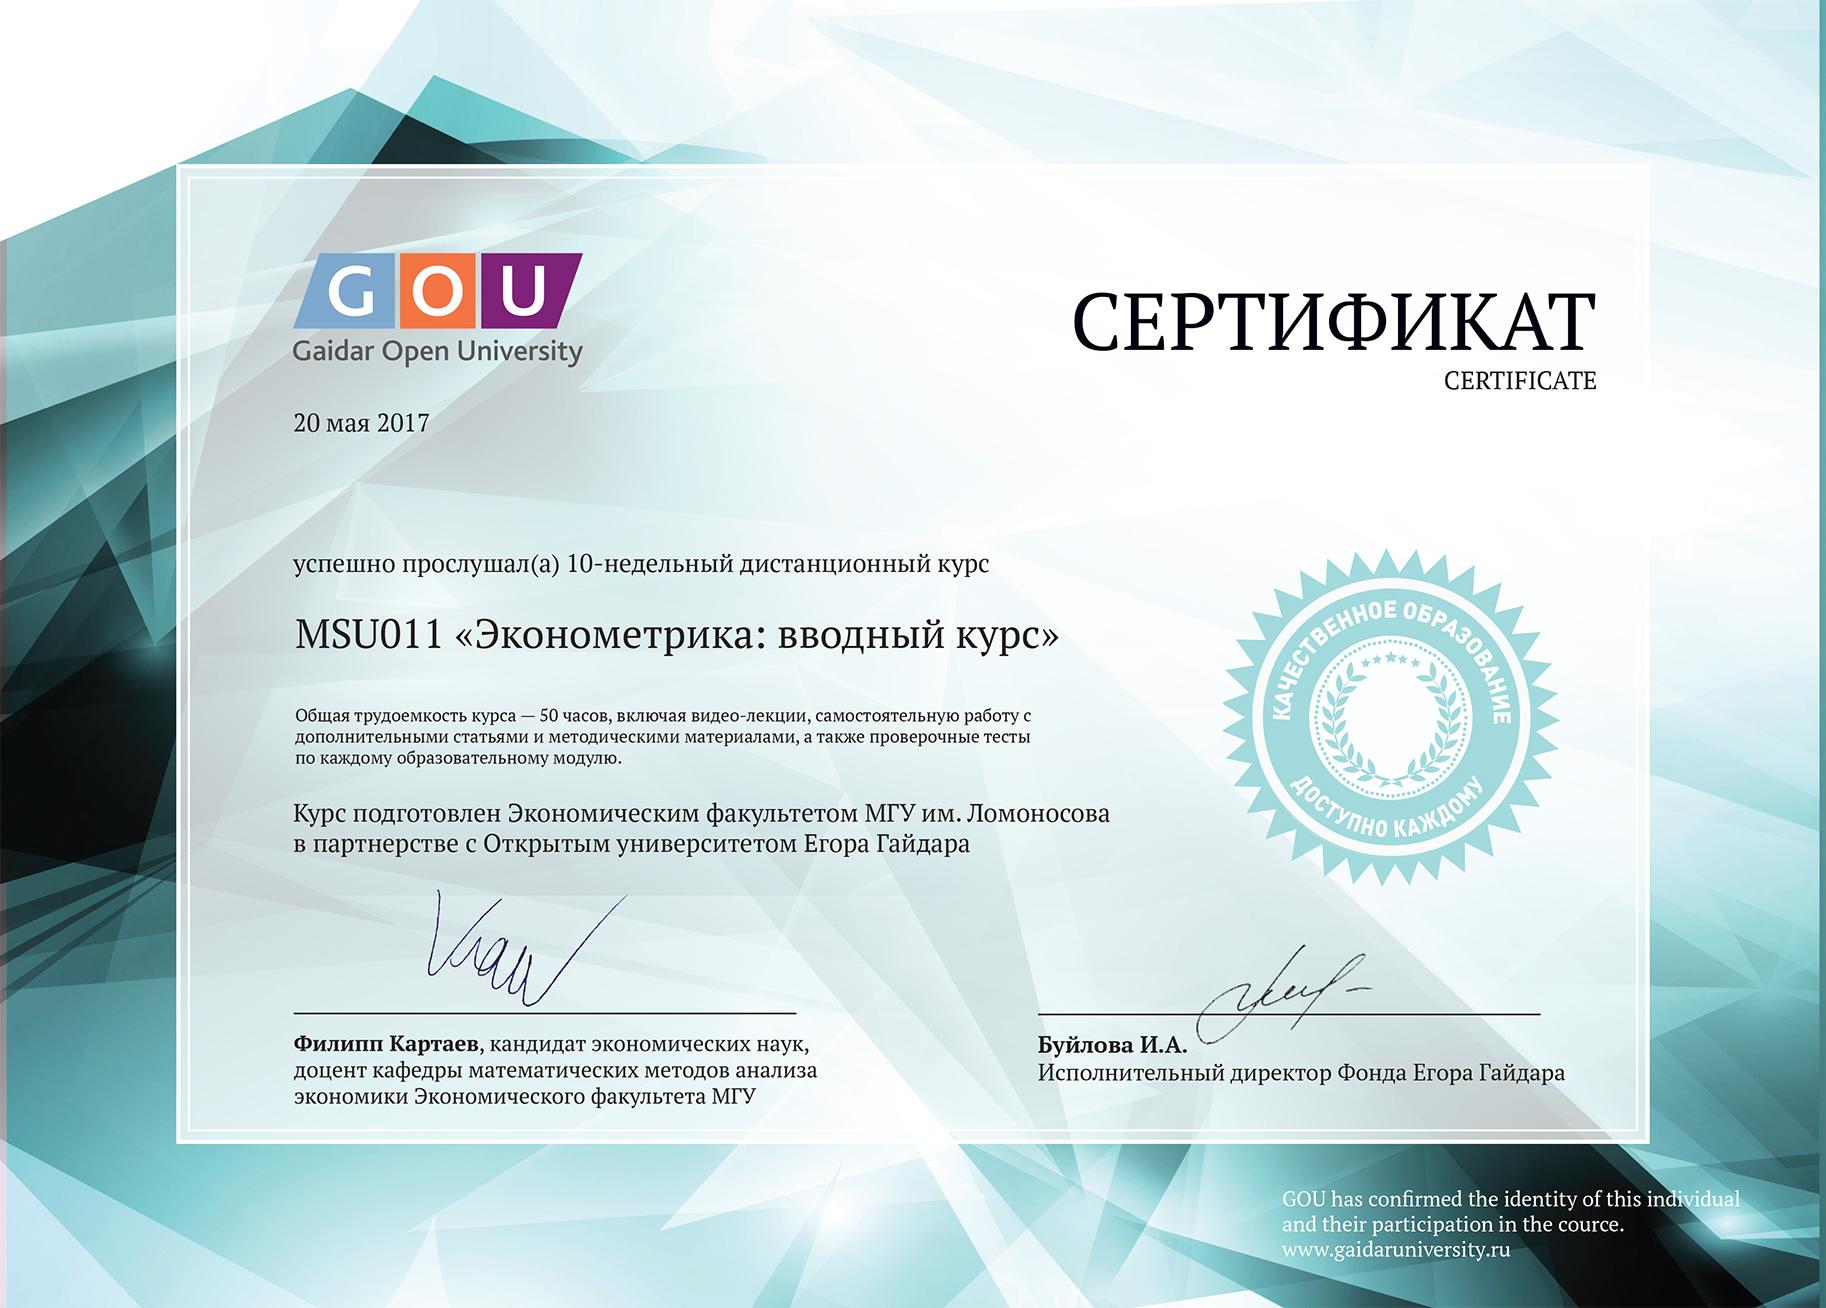 Бесплатное обучение онлайн сертификат бухгалтер образец декларации 3 ндфл от покупки квартиры